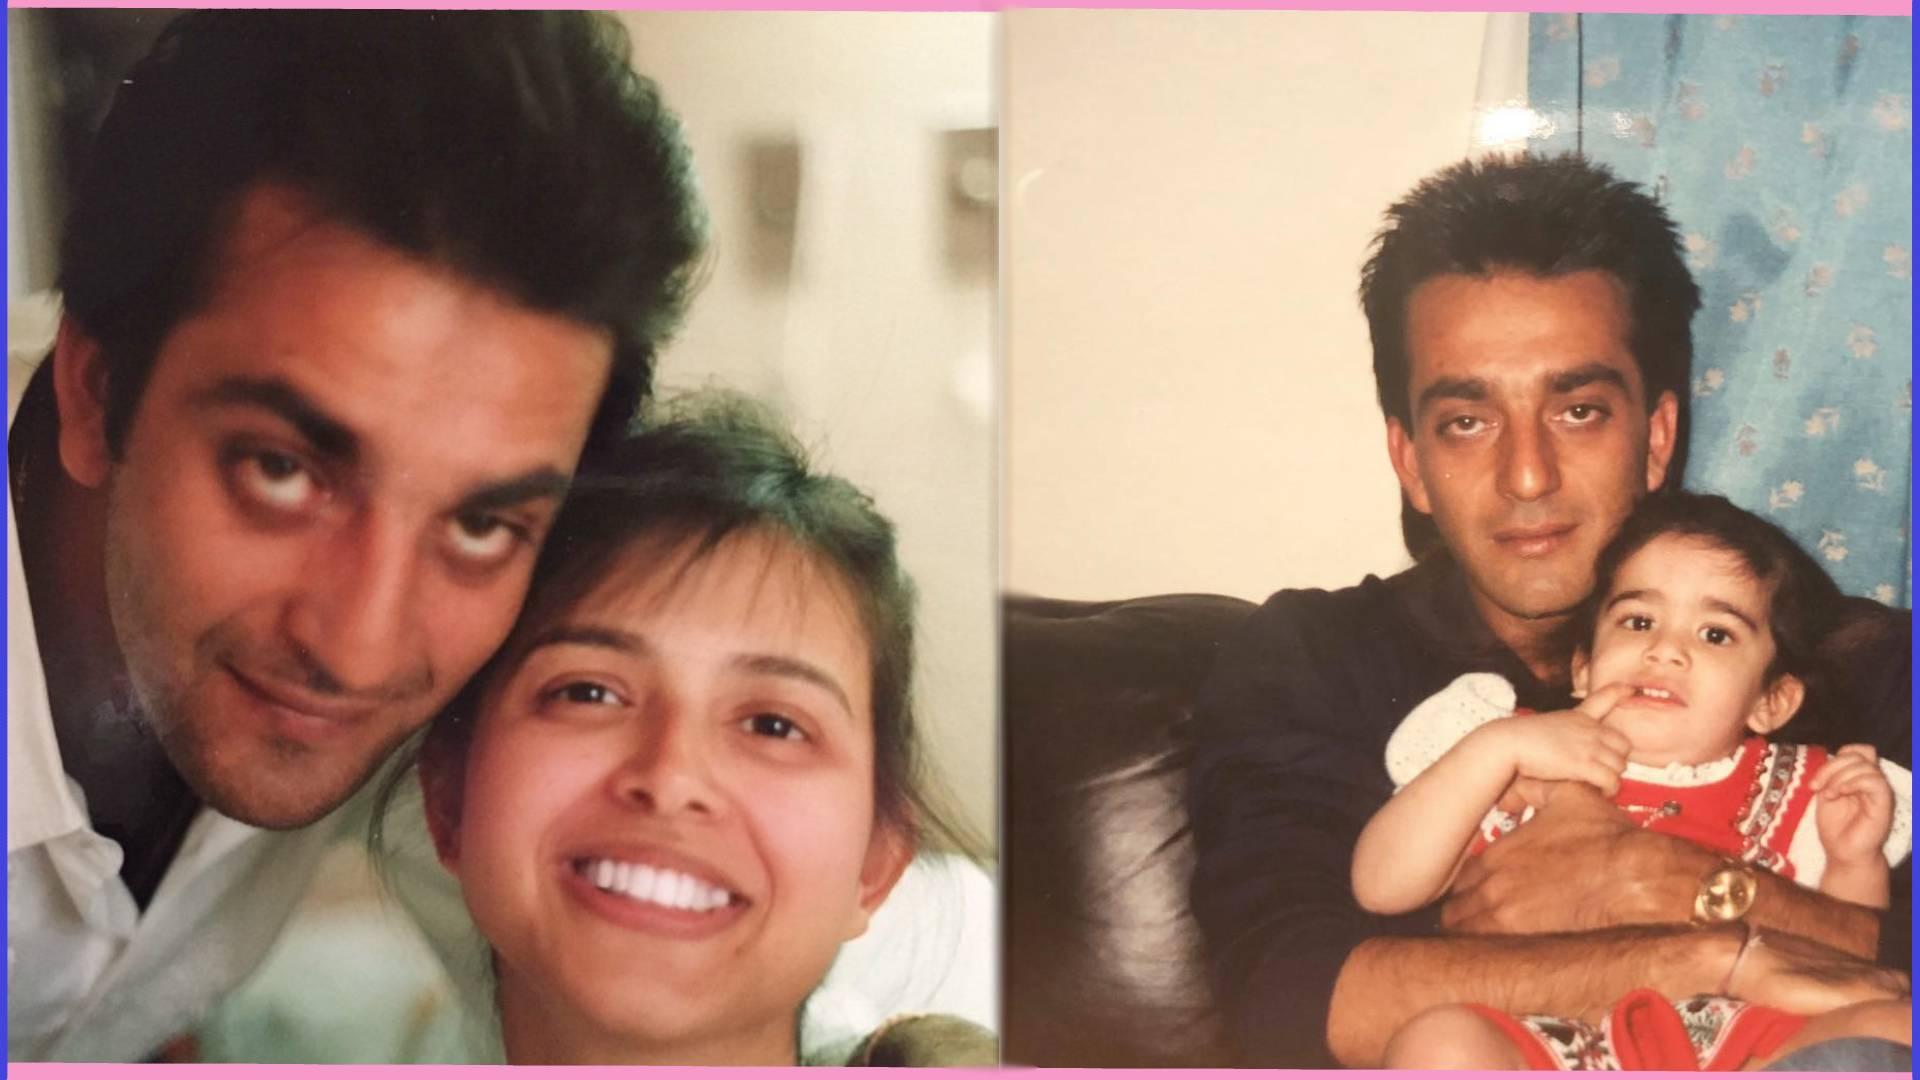 संजय दत्त ने बयां किया दर्द, बोले- बुरे दौर में बेटी त्रिशाला दत्त मुझे डैडी नहीं अंकल कहकर बुलाती थी